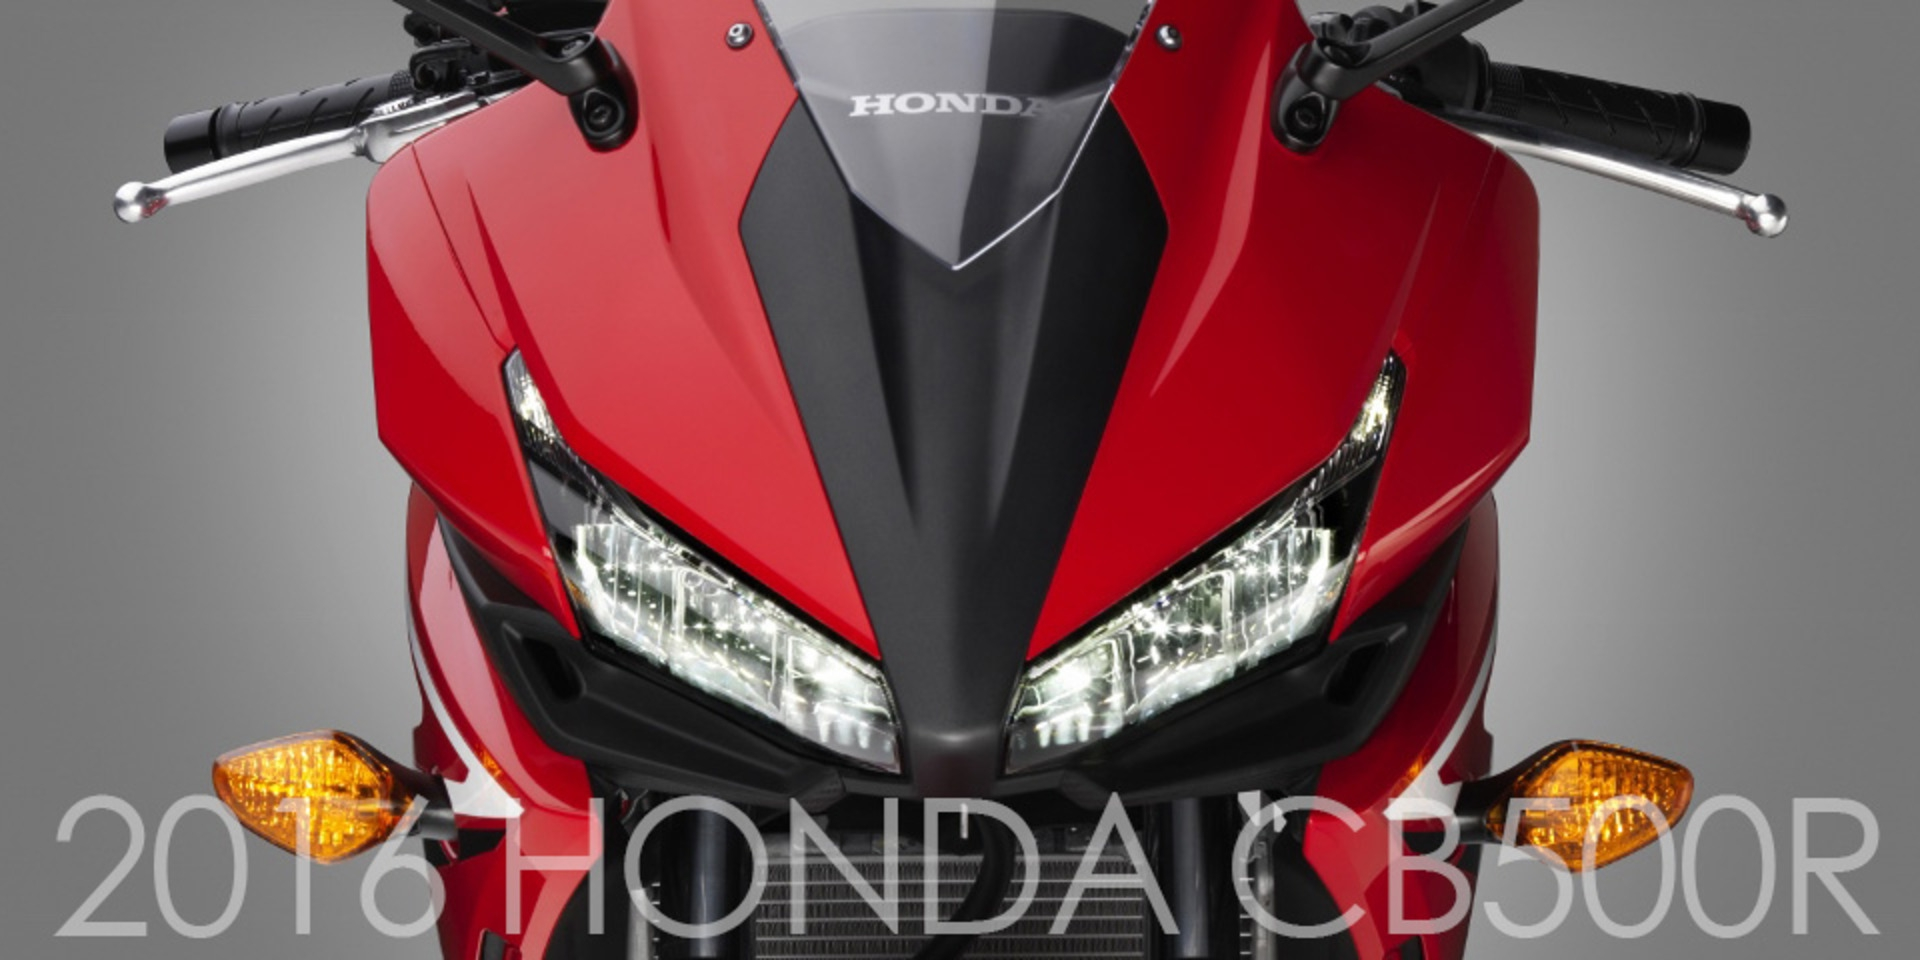 加入更多熱血。2016 Honda CBR500R改款發表